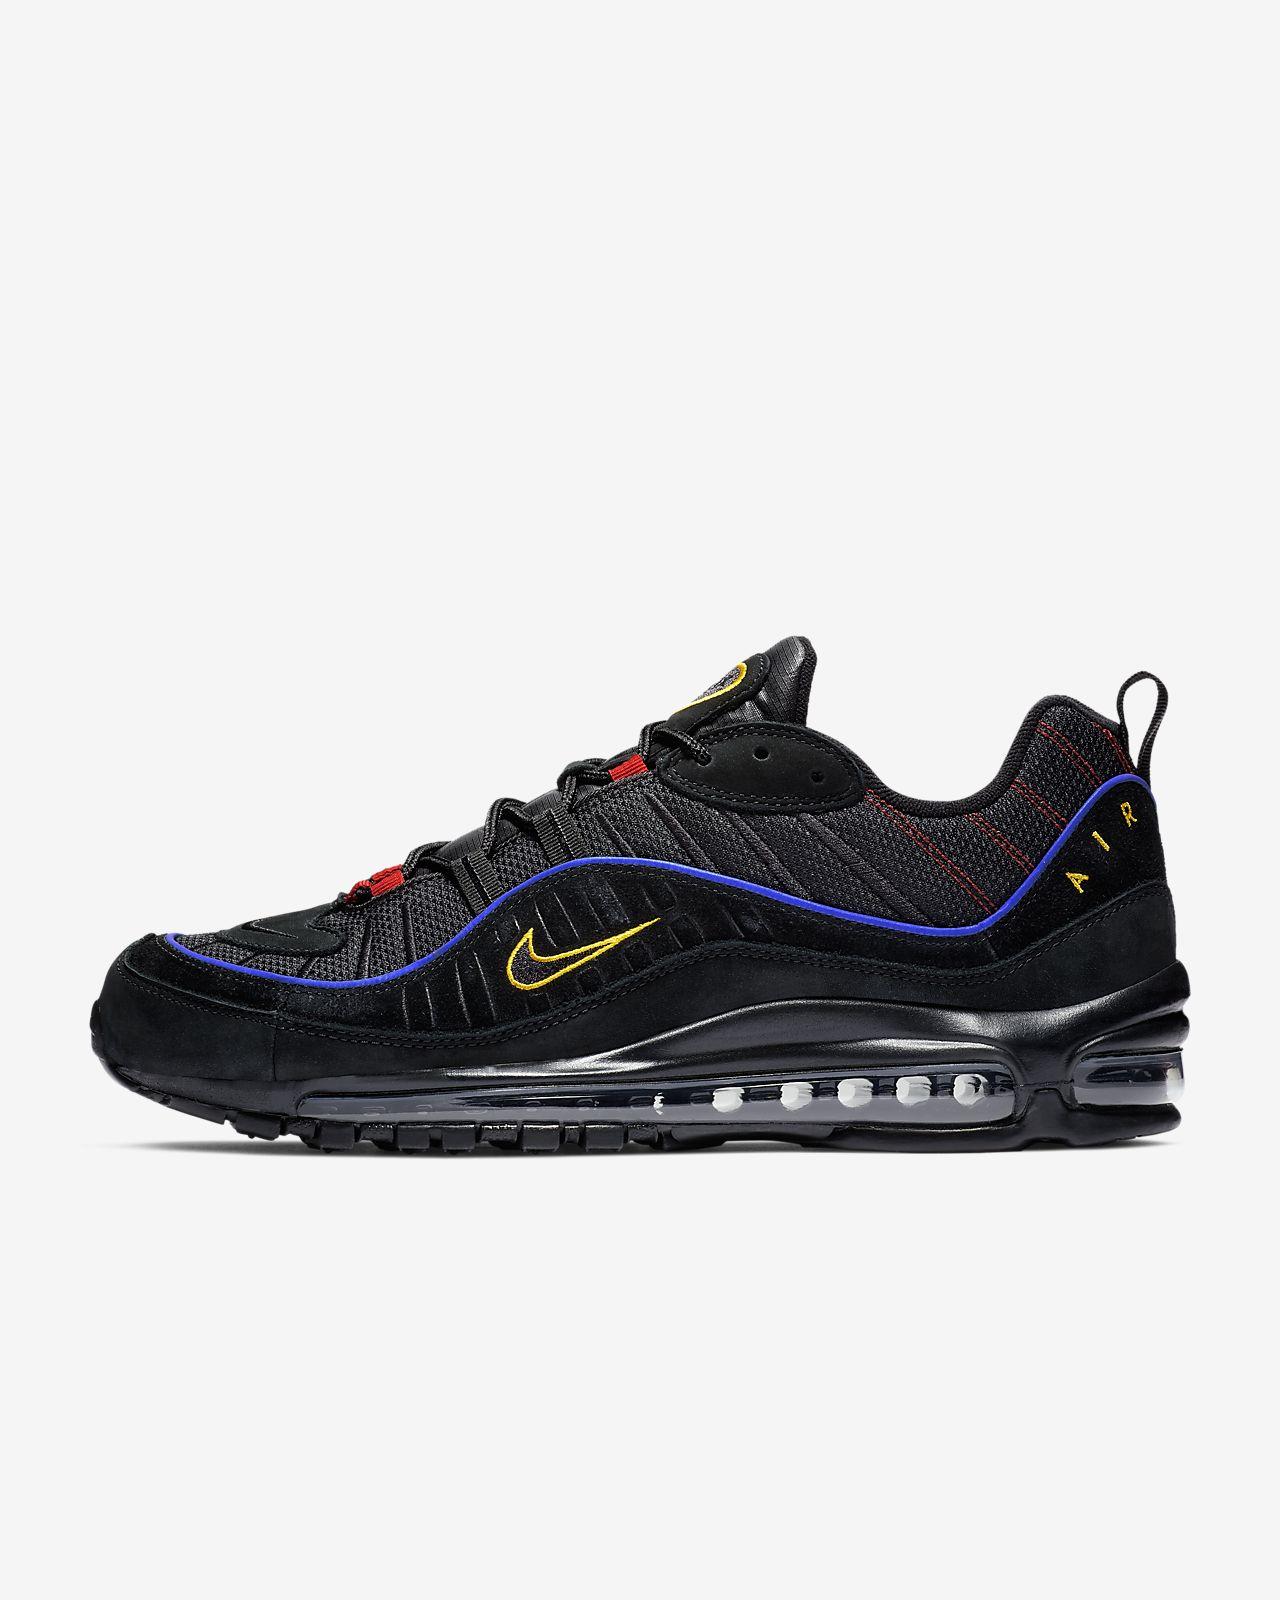 787d7bc2f3ac Nike Air Max 98 Men s Shoe. Nike.com DK